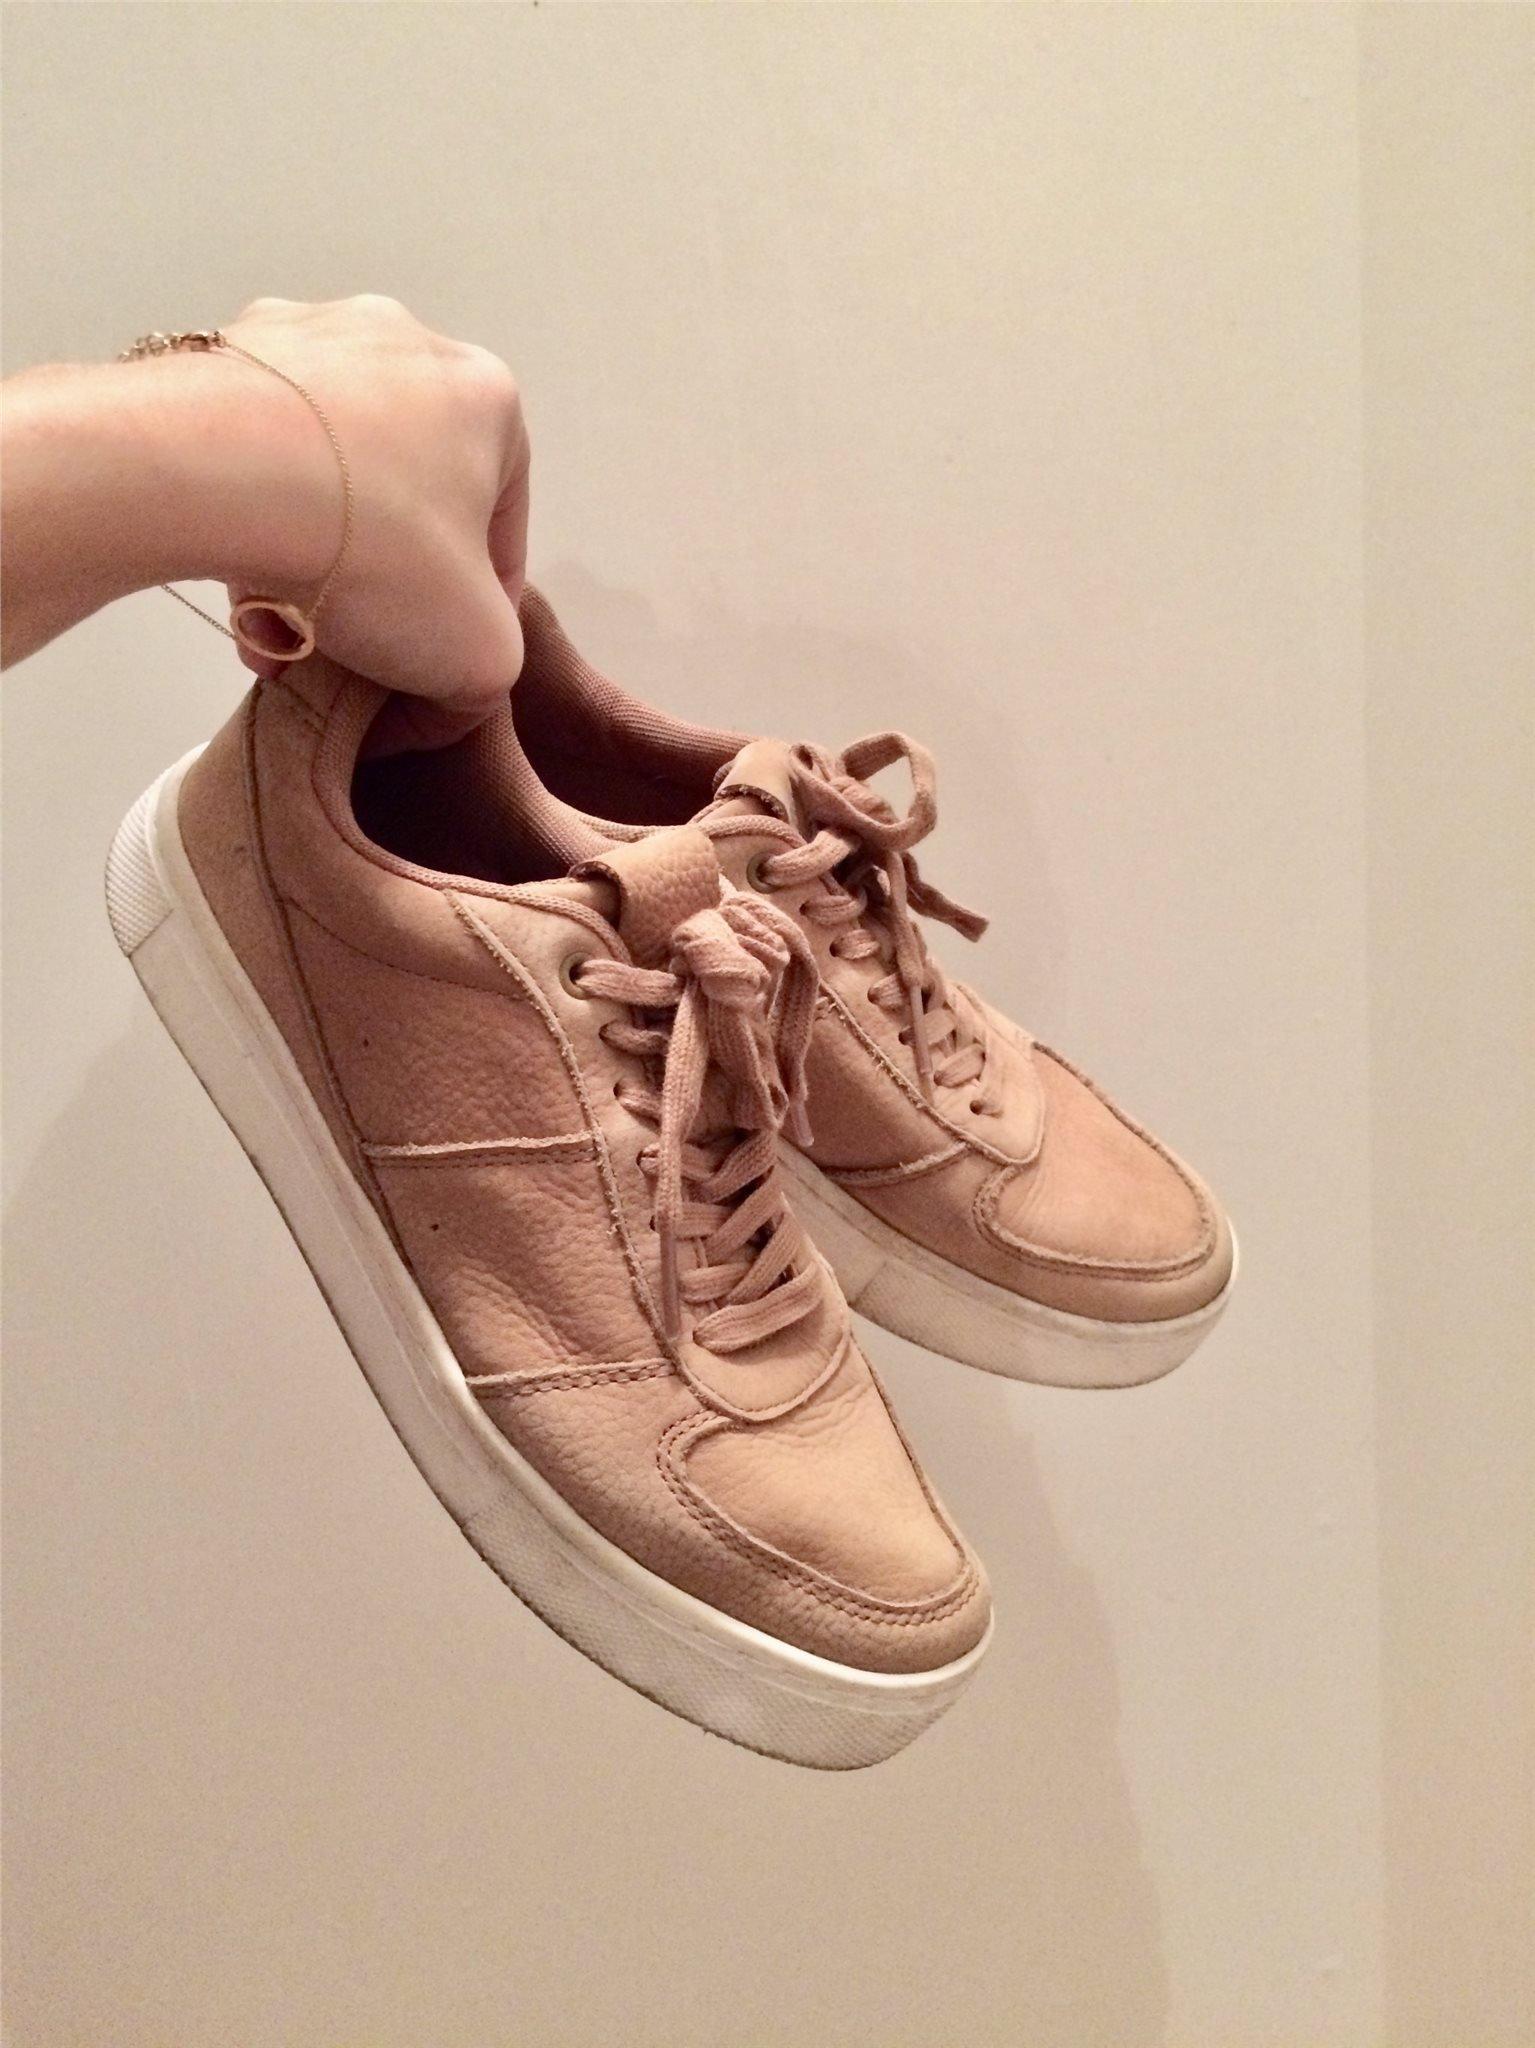 de1c2852c49 Sneakers i brun mocka, storlek 38, H&M (349624548) ᐈ Köp på Tradera